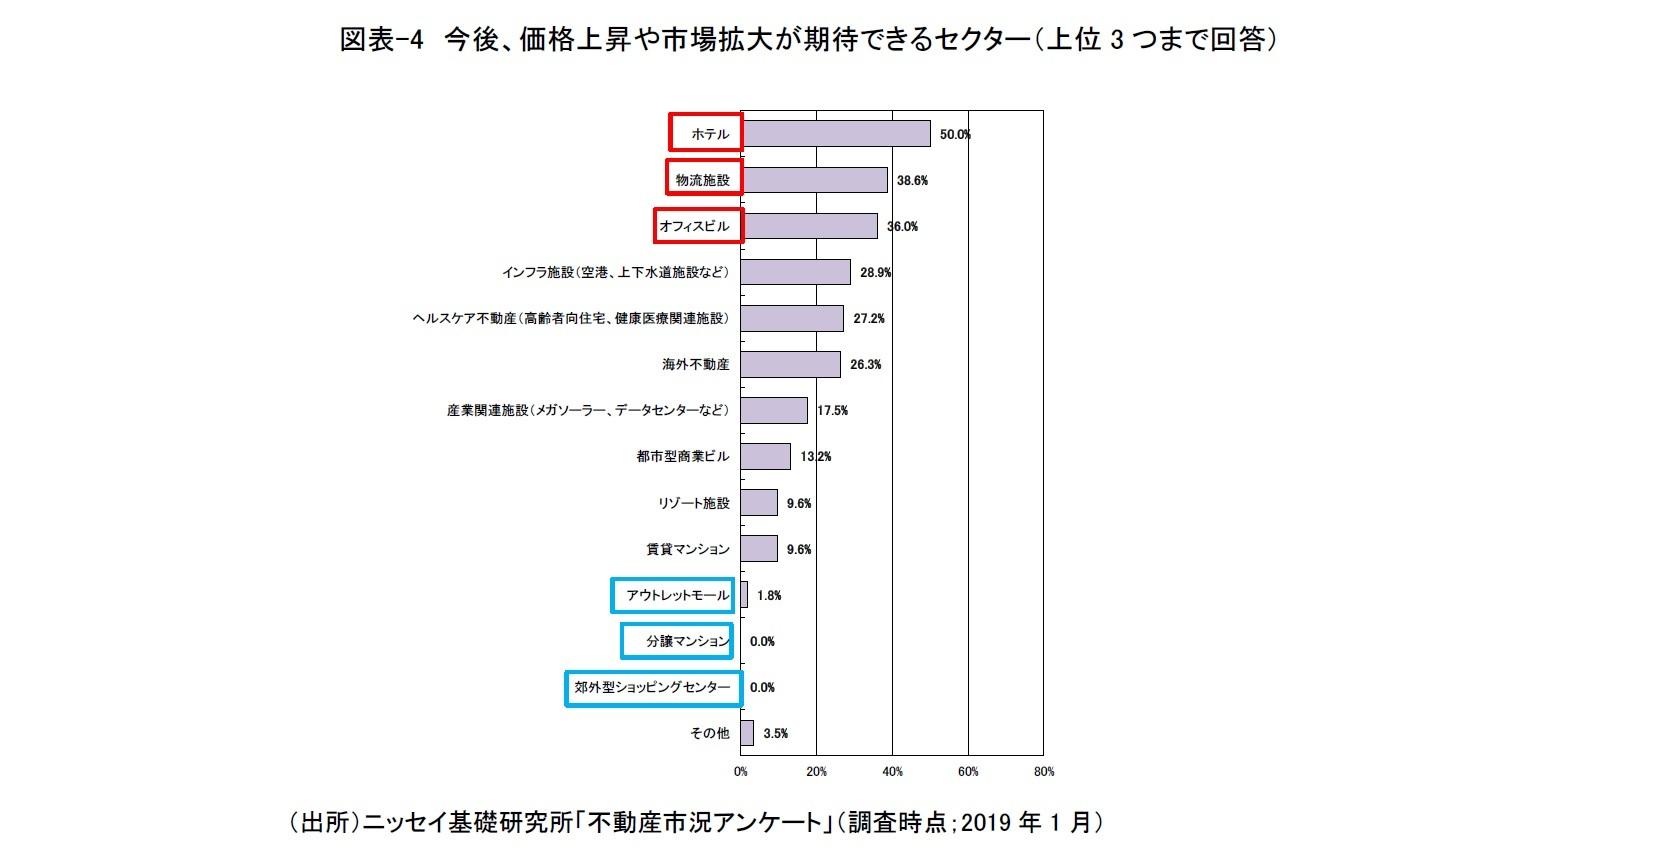 図表-4 今後、価格上昇や市場拡大が期待できるセクター(上位3つまで回答)